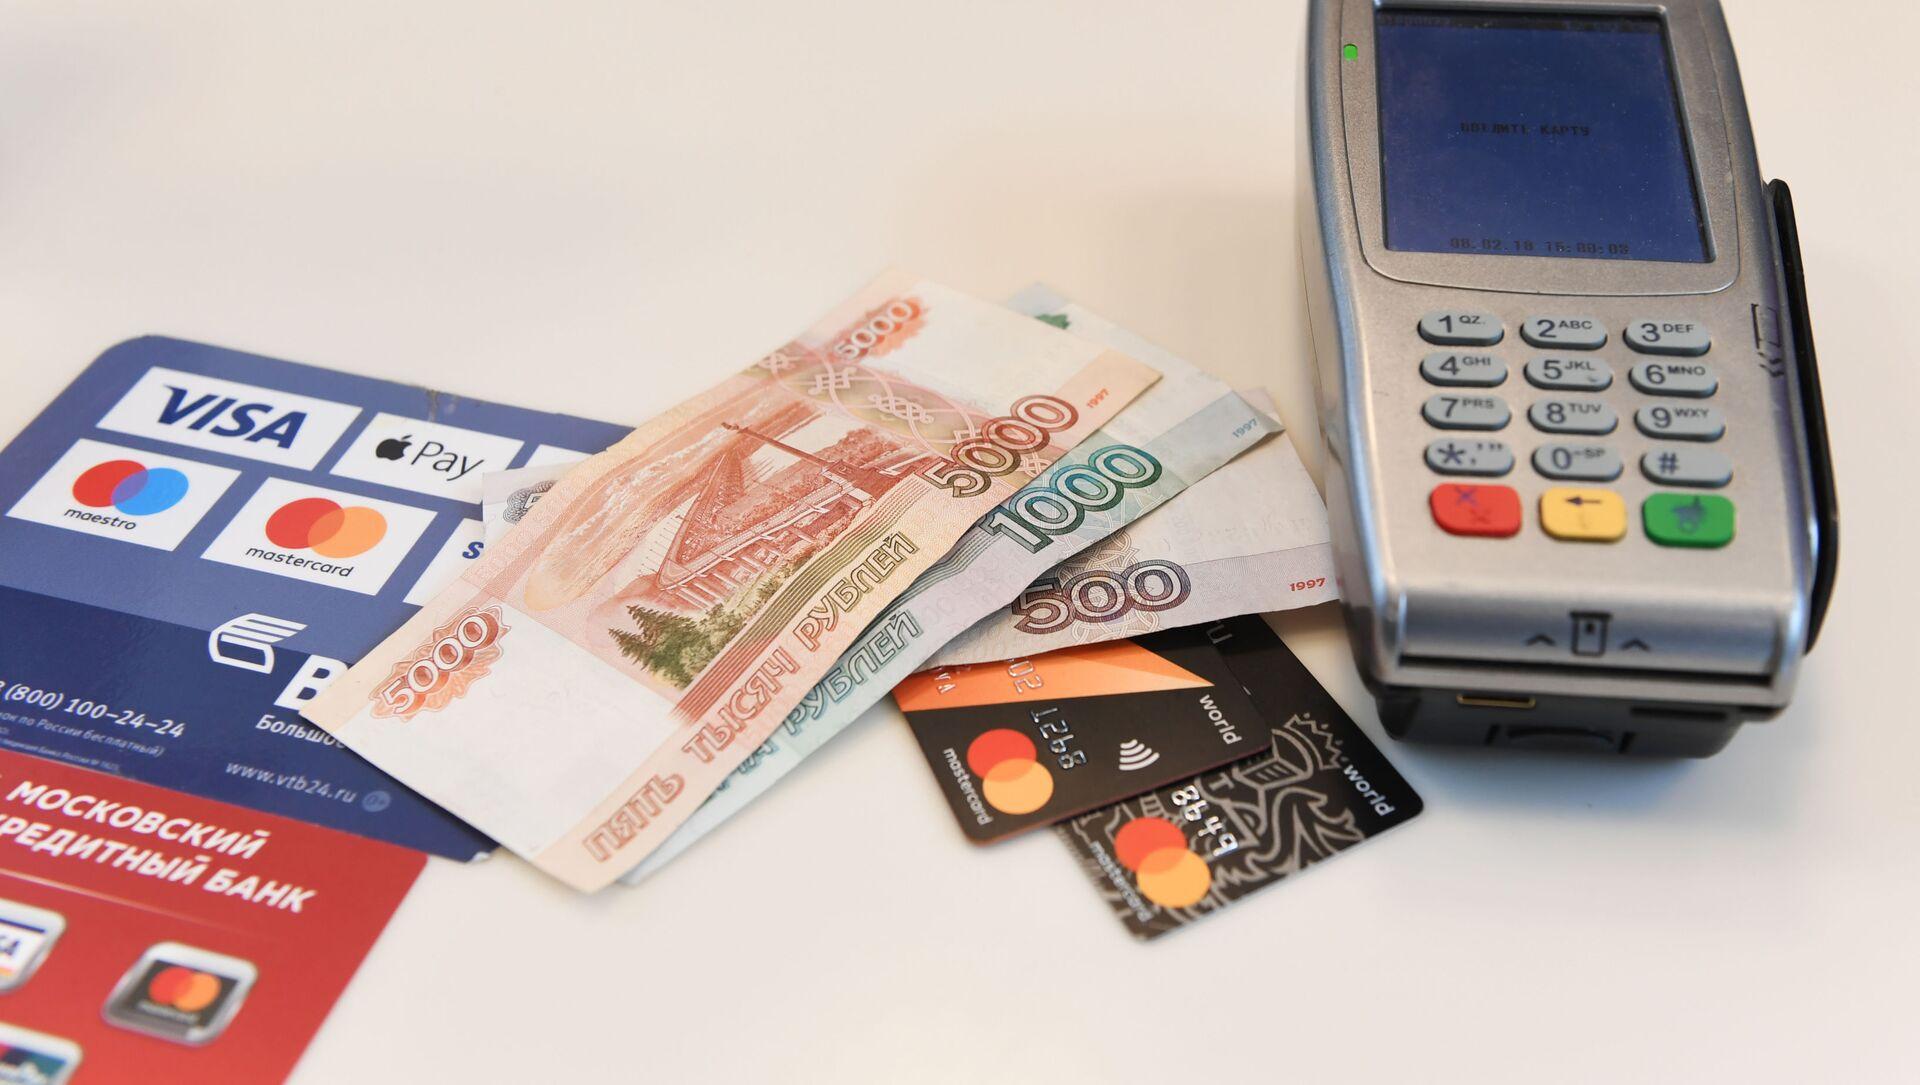 Visa - MasterCard - Rusya - Sputnik Türkiye, 1920, 14.04.2021